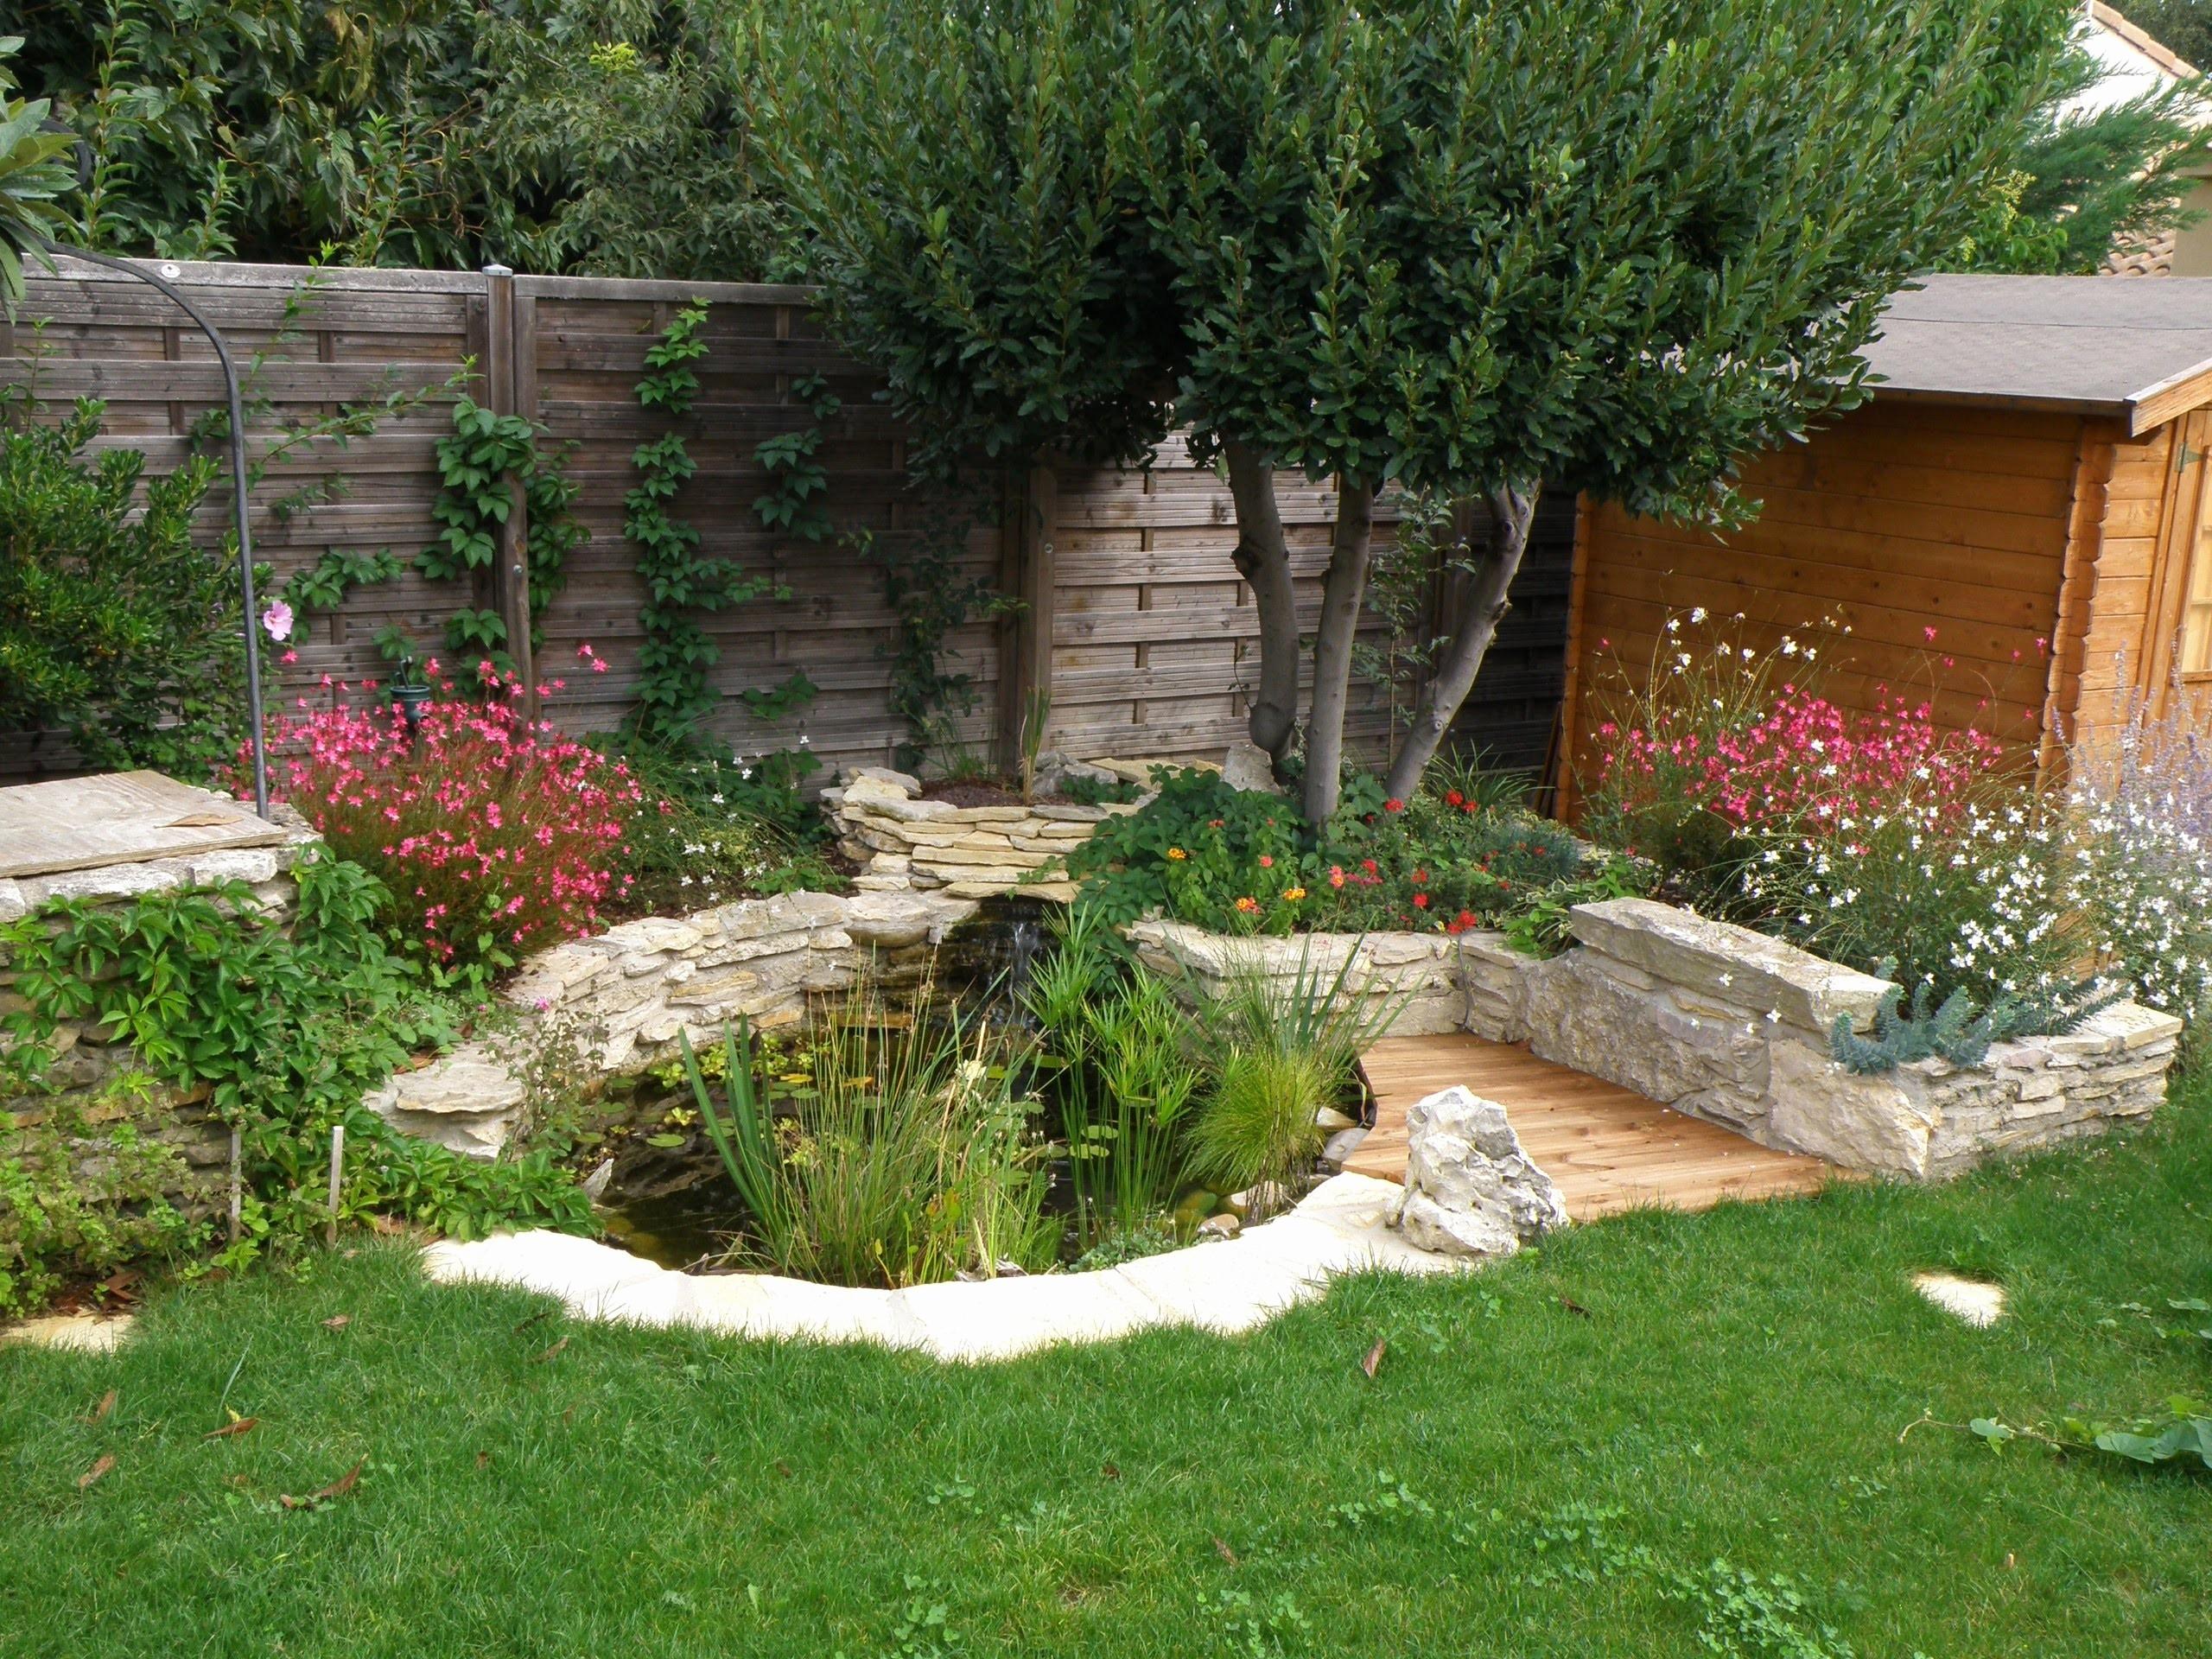 Jardin De Provence Nemours Beau Stock Les Jardins De Cocagne Aussi Impressionnant Jardin A Visiter Lovely